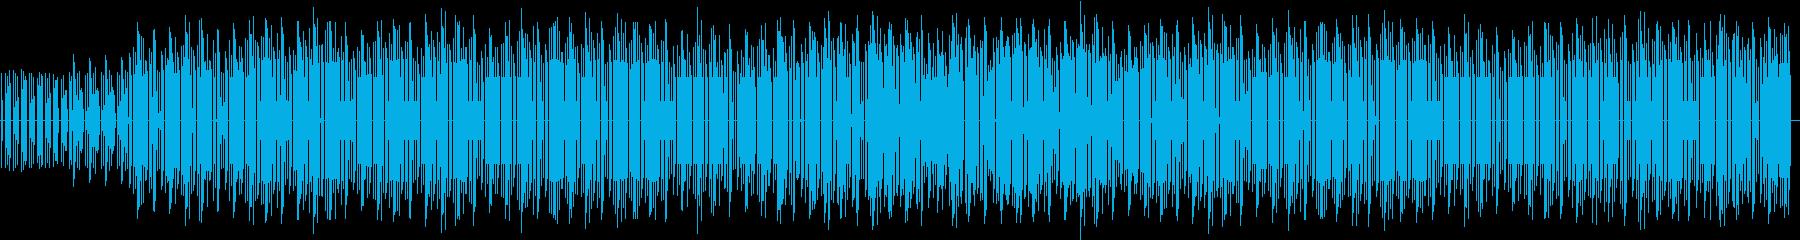 投稿動画の前置き解説BGMの再生済みの波形